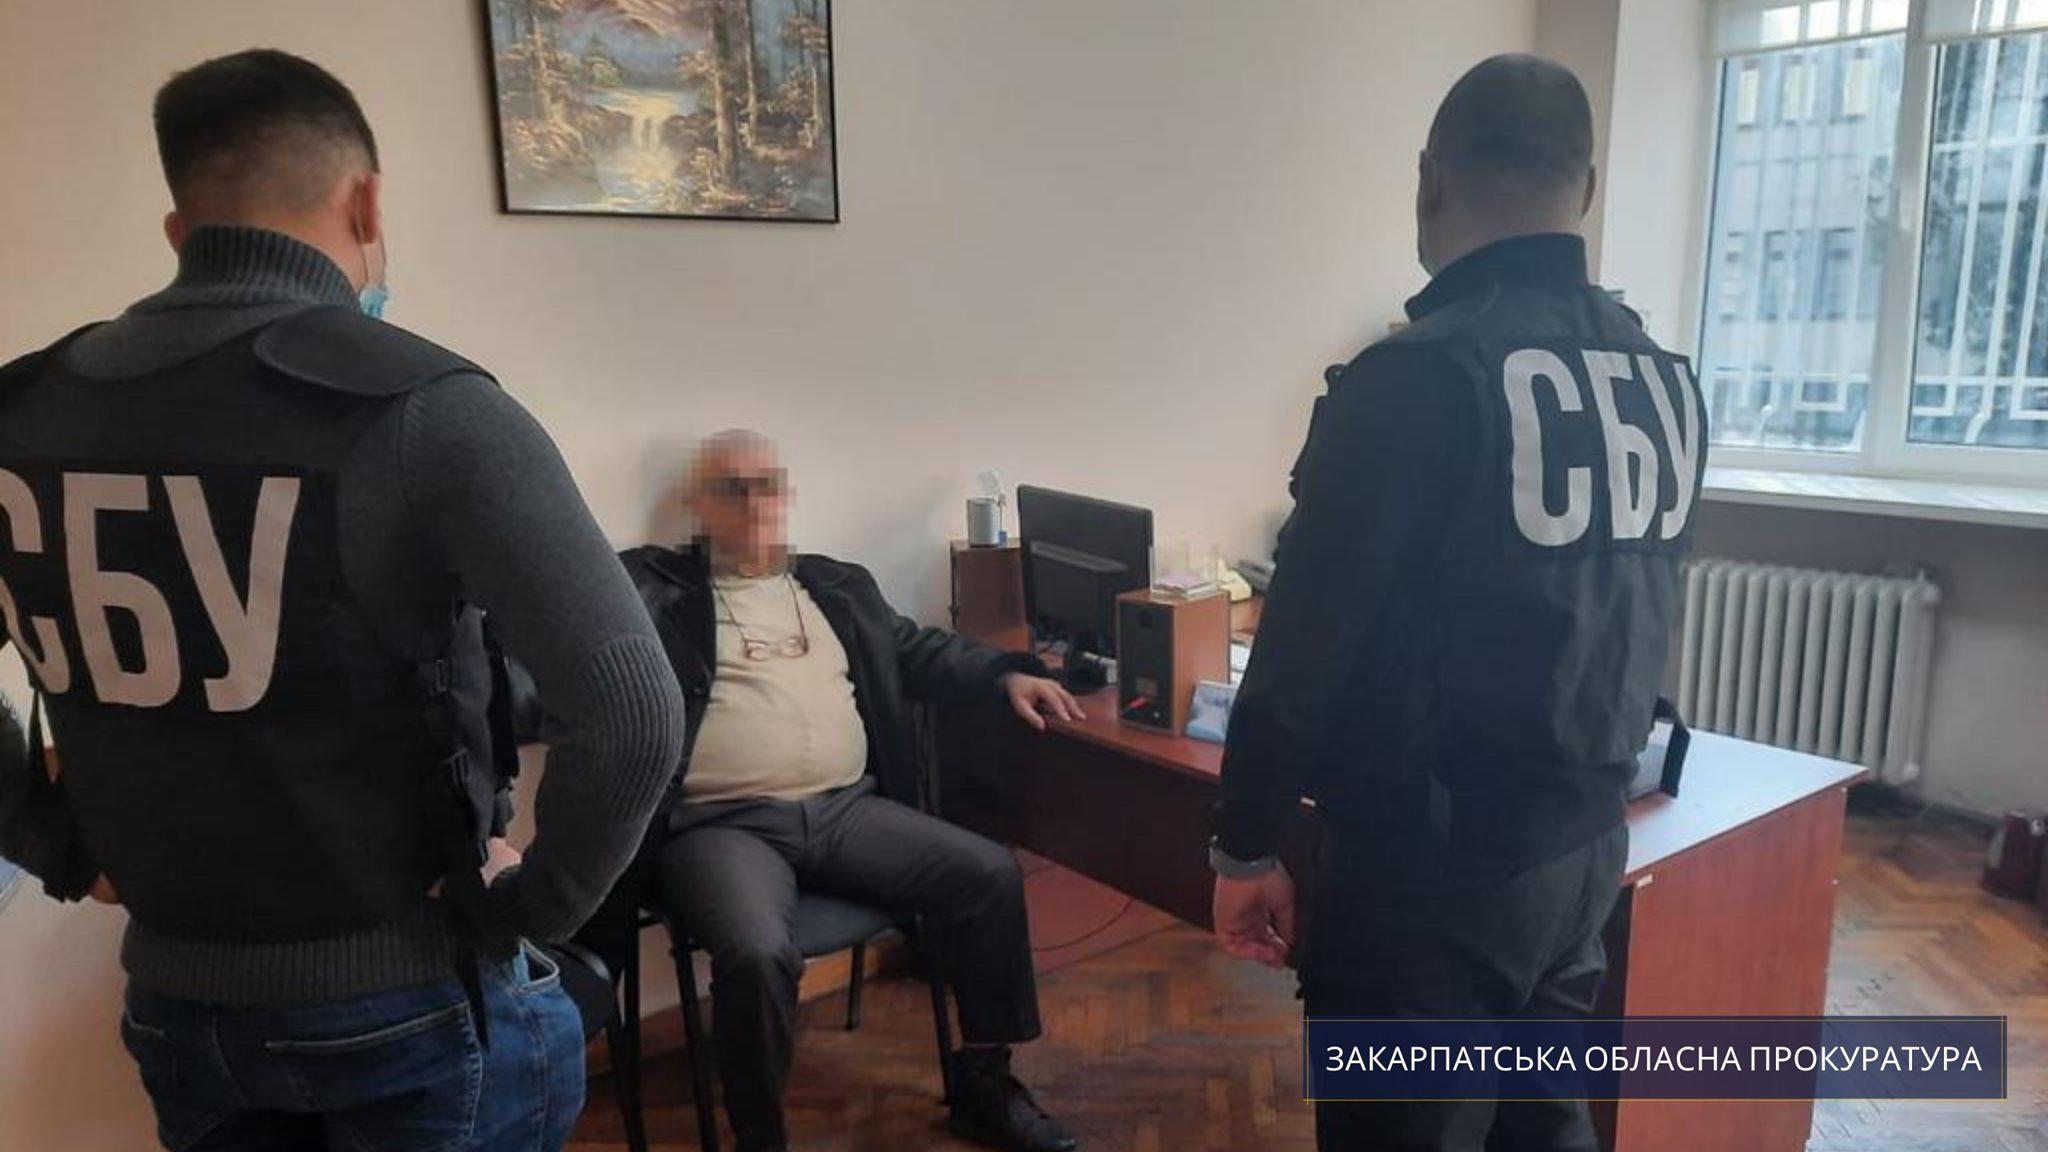 Наразі завершено досудове розслідування, яке здійснювали слідчі УСБУ в Закарпатській області за процесуального керівництва обласних прокурорів.